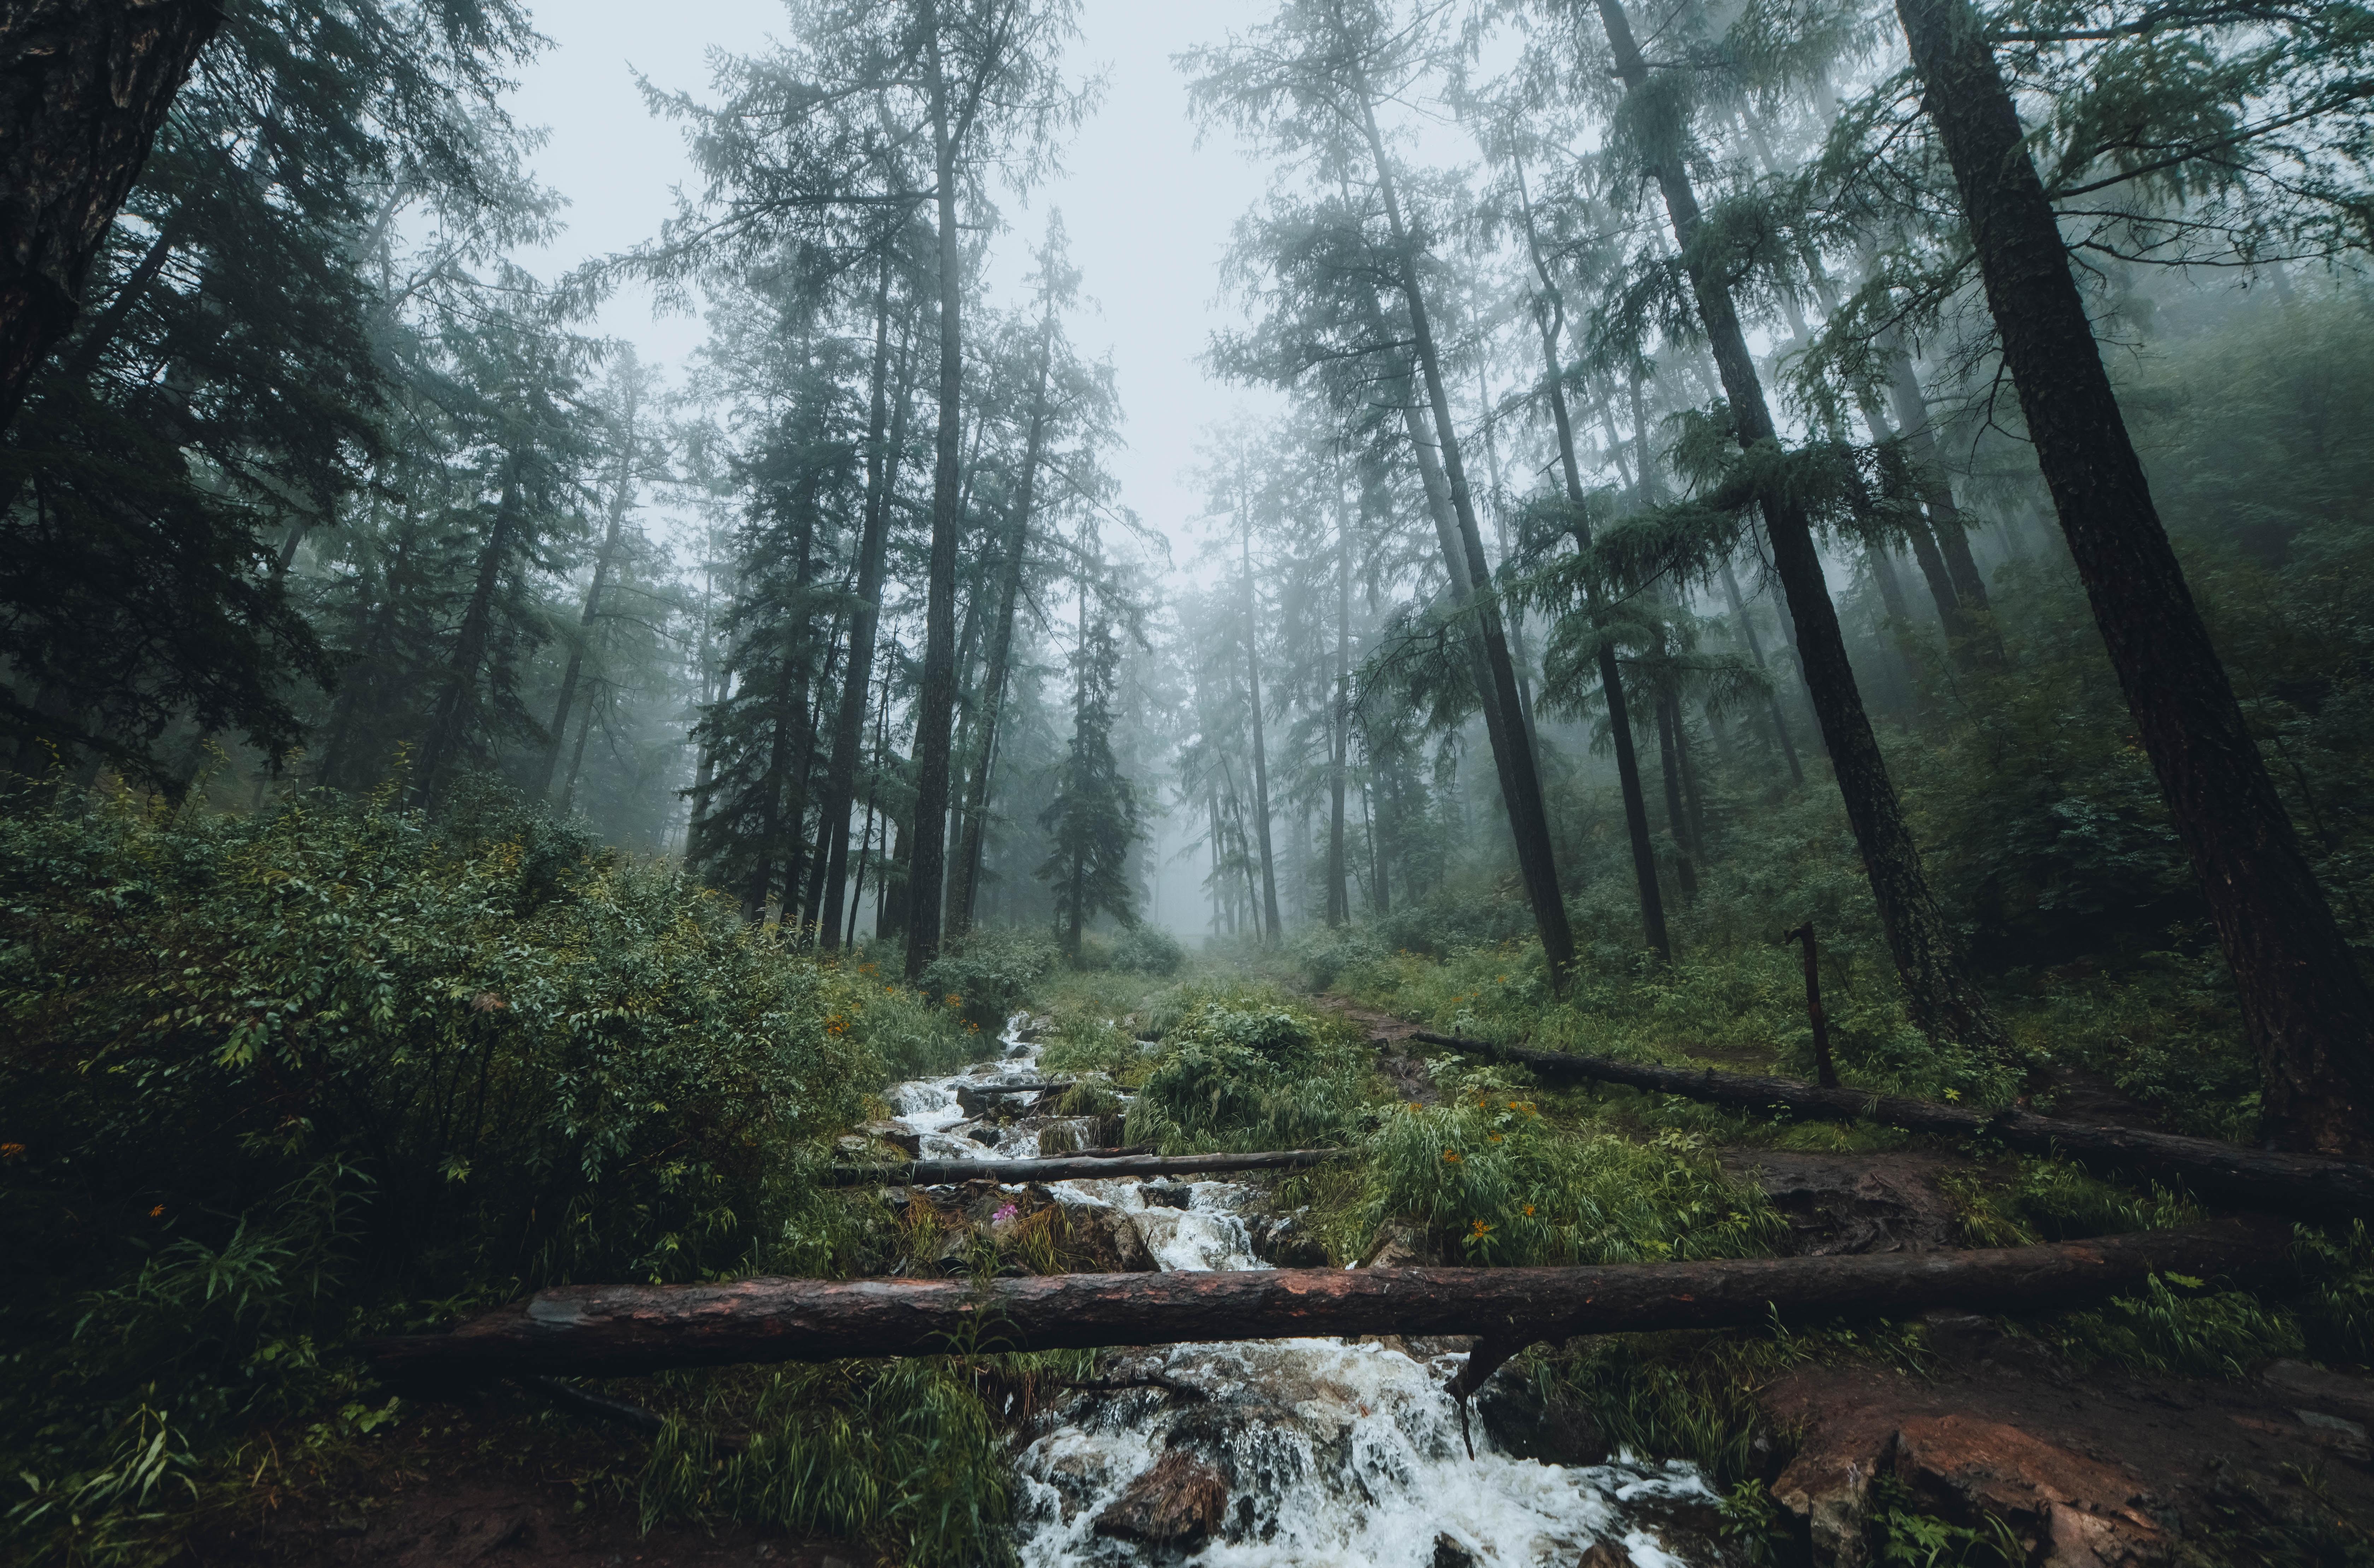 56555 papel de parede 360x640 em seu telefone gratuitamente, baixe imagens Paisagem, Natureza, Árvores, Floresta, Névoa, Nevoeiro, Riacho 360x640 em seu celular